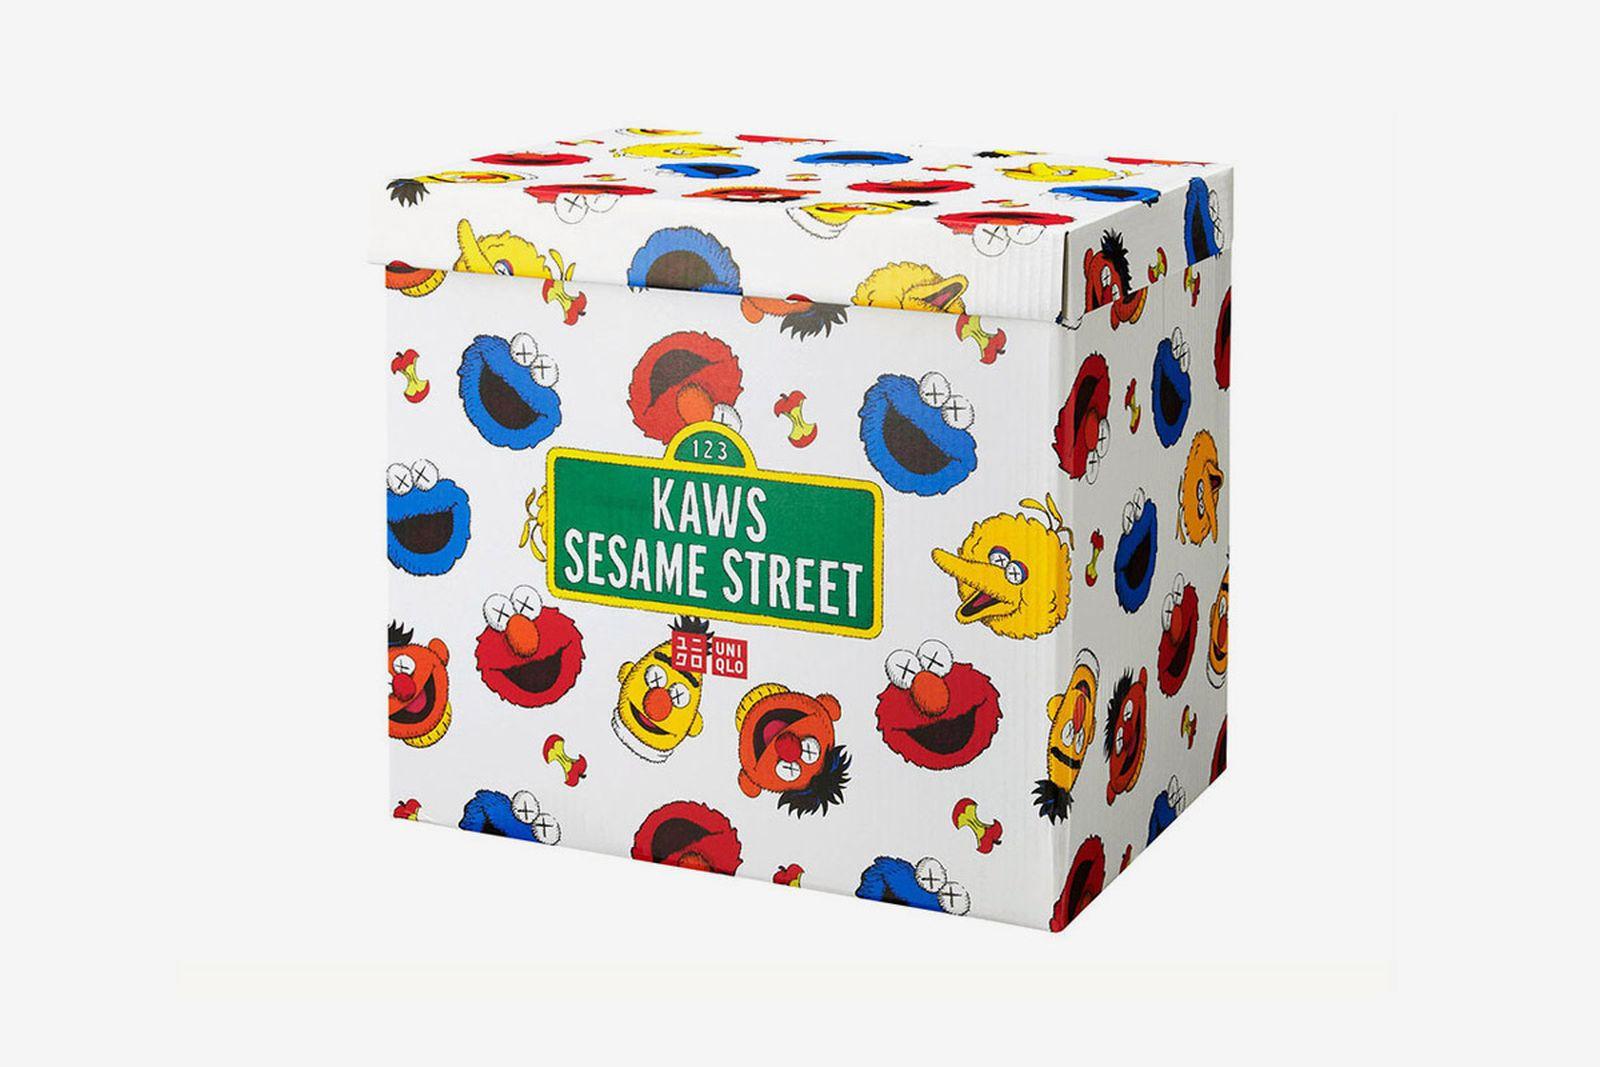 kaws sesame street uniqlo fw18 collection